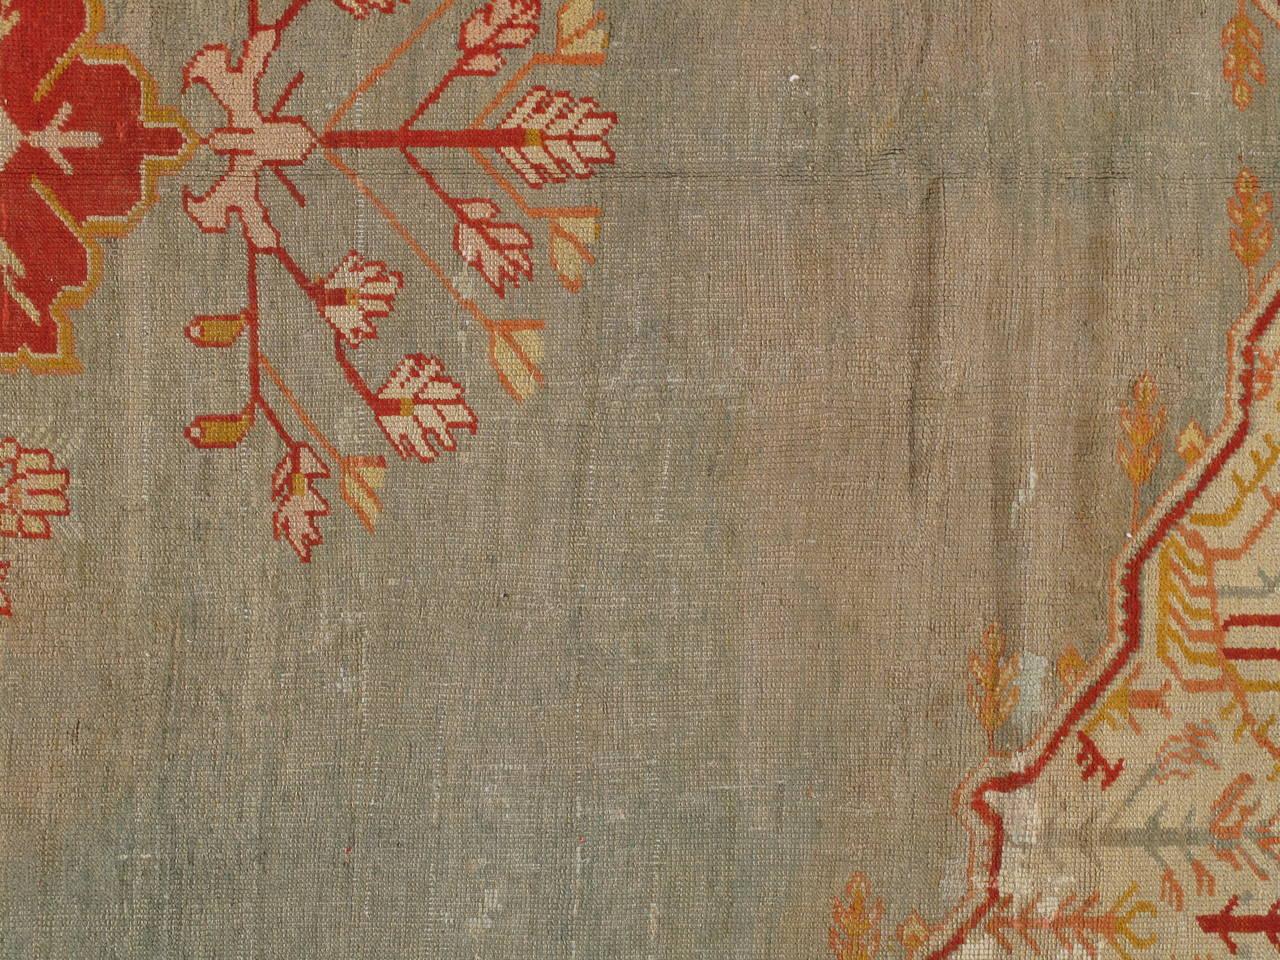 Antiker Handgefertigter Orientalischer Oushak Teppich in Hellgrün, Gelb, Koralle 7